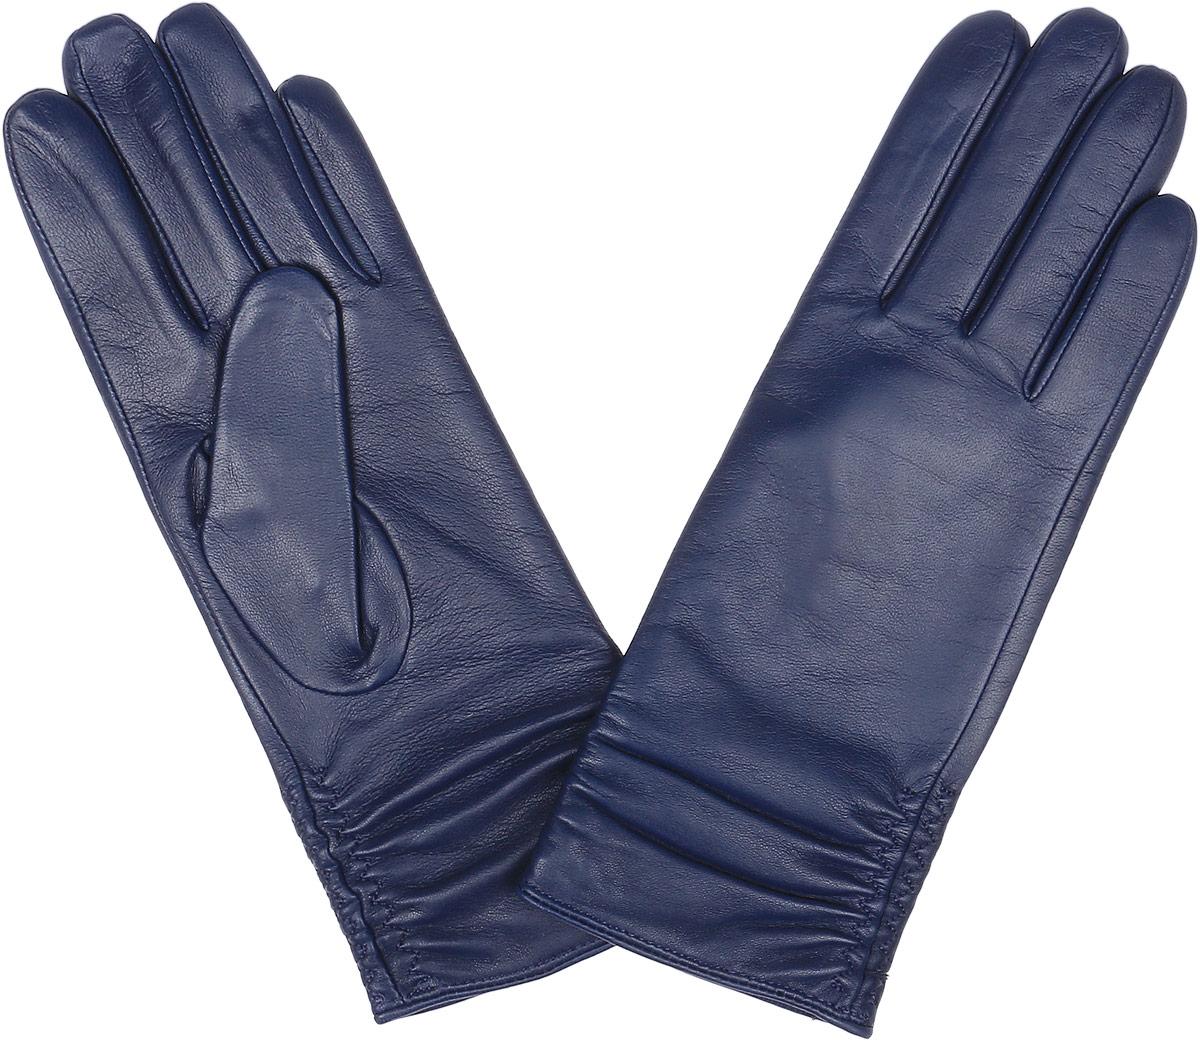 Перчатки женские Fabretti, цвет: темно-синий. 12.25-11. Размер 6,512.25-11 blueСтильные женские перчатки Fabretti не только защитят ваши руки, но и станут великолепным украшением. Перчатки выполнены из натуральной кожи ягненка, а их подкладка - из высококачественной шерсти с добавлением кашемира.Модель оформлена оригинальными строчками-стежками, которые дополнены эластичной резинкой. Стильный аксессуар для повседневного образа.